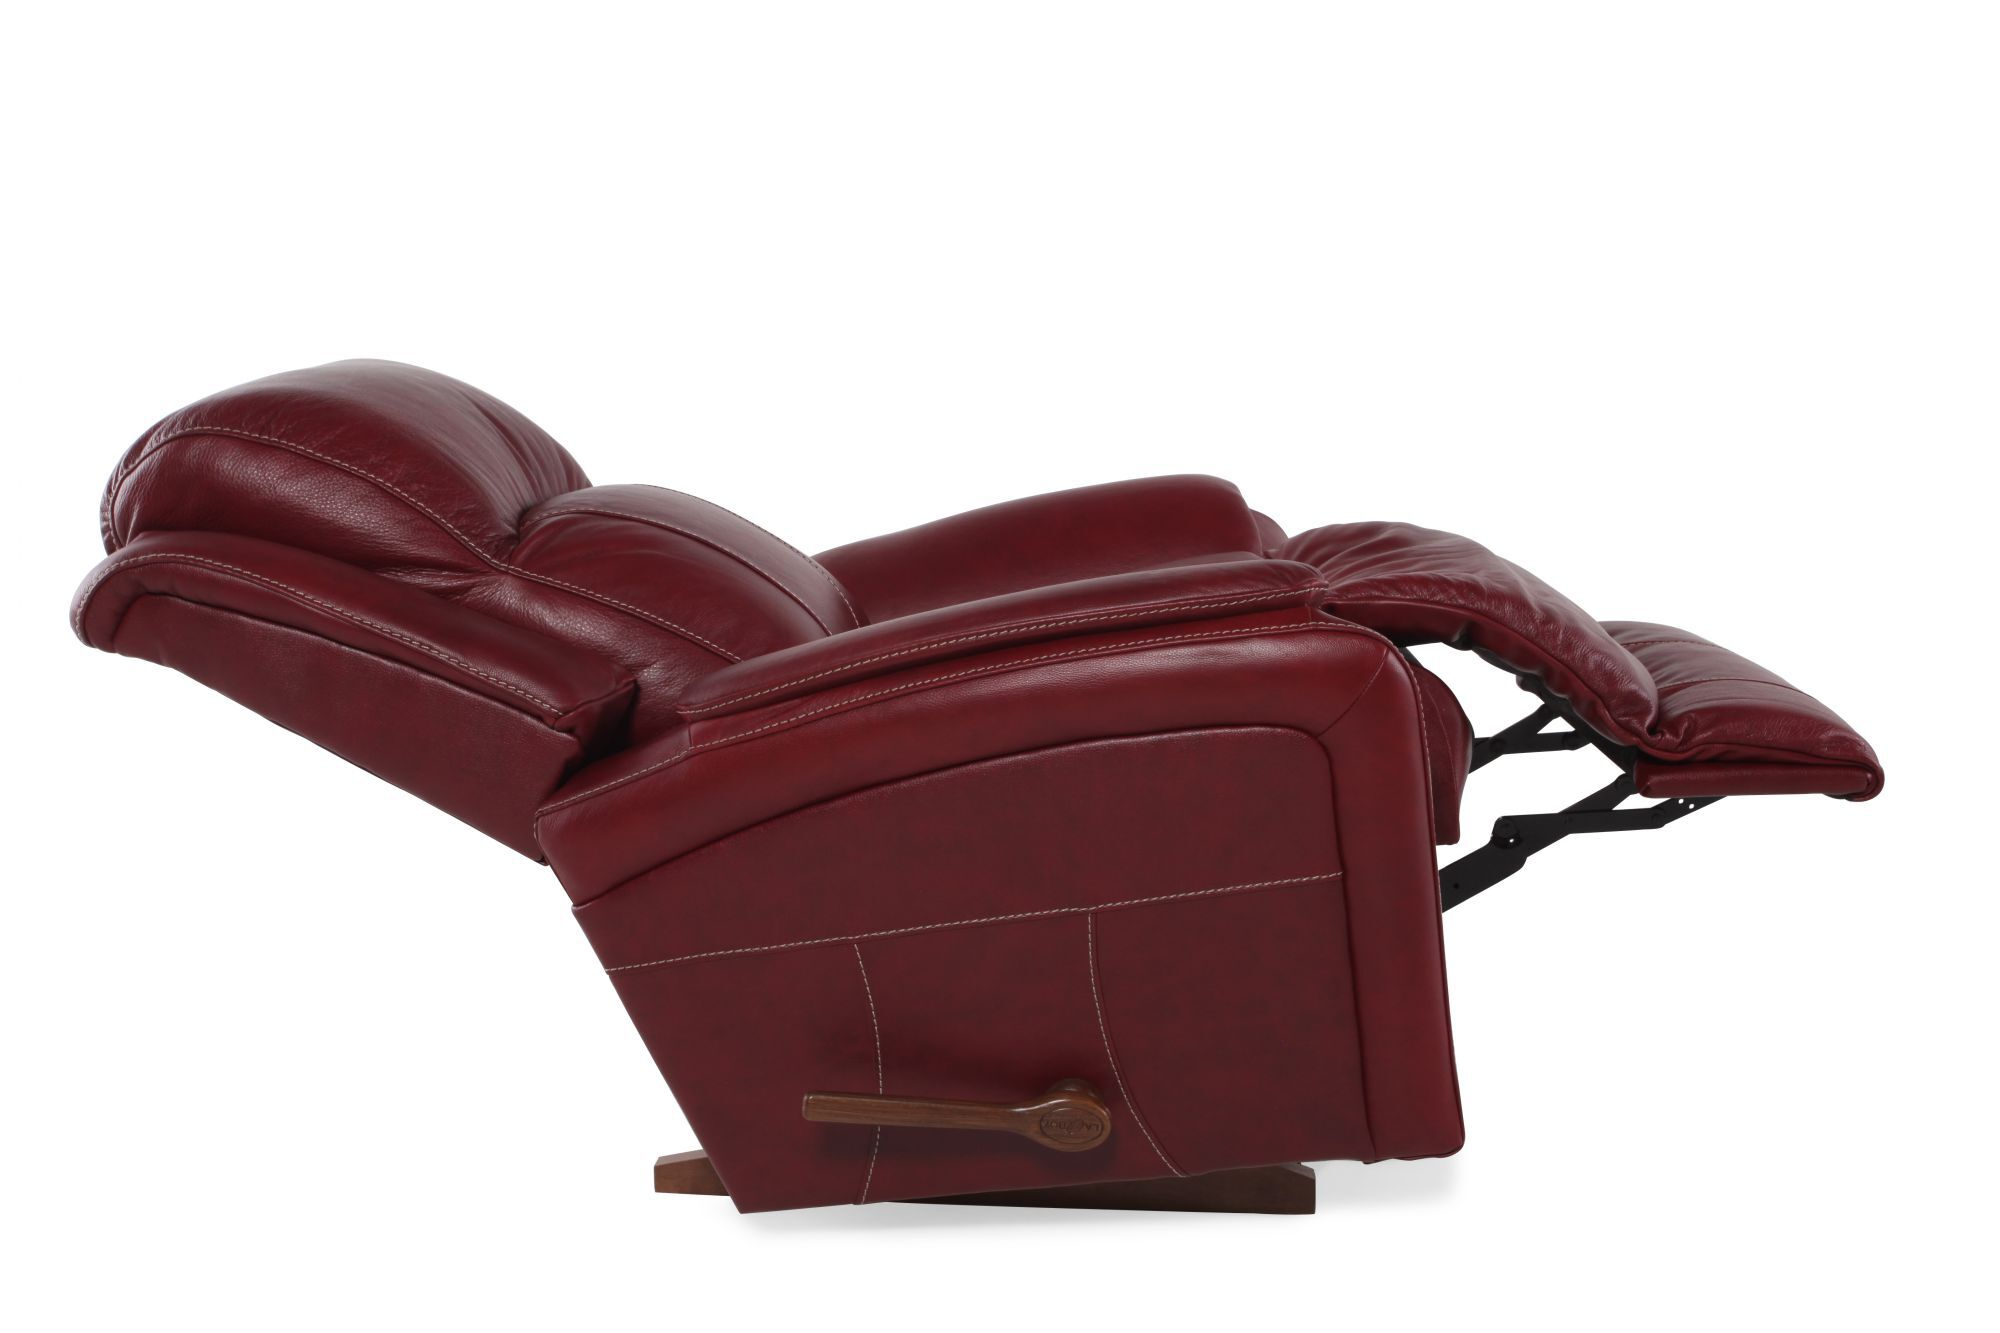 lazboy barrett fire rocker recliner